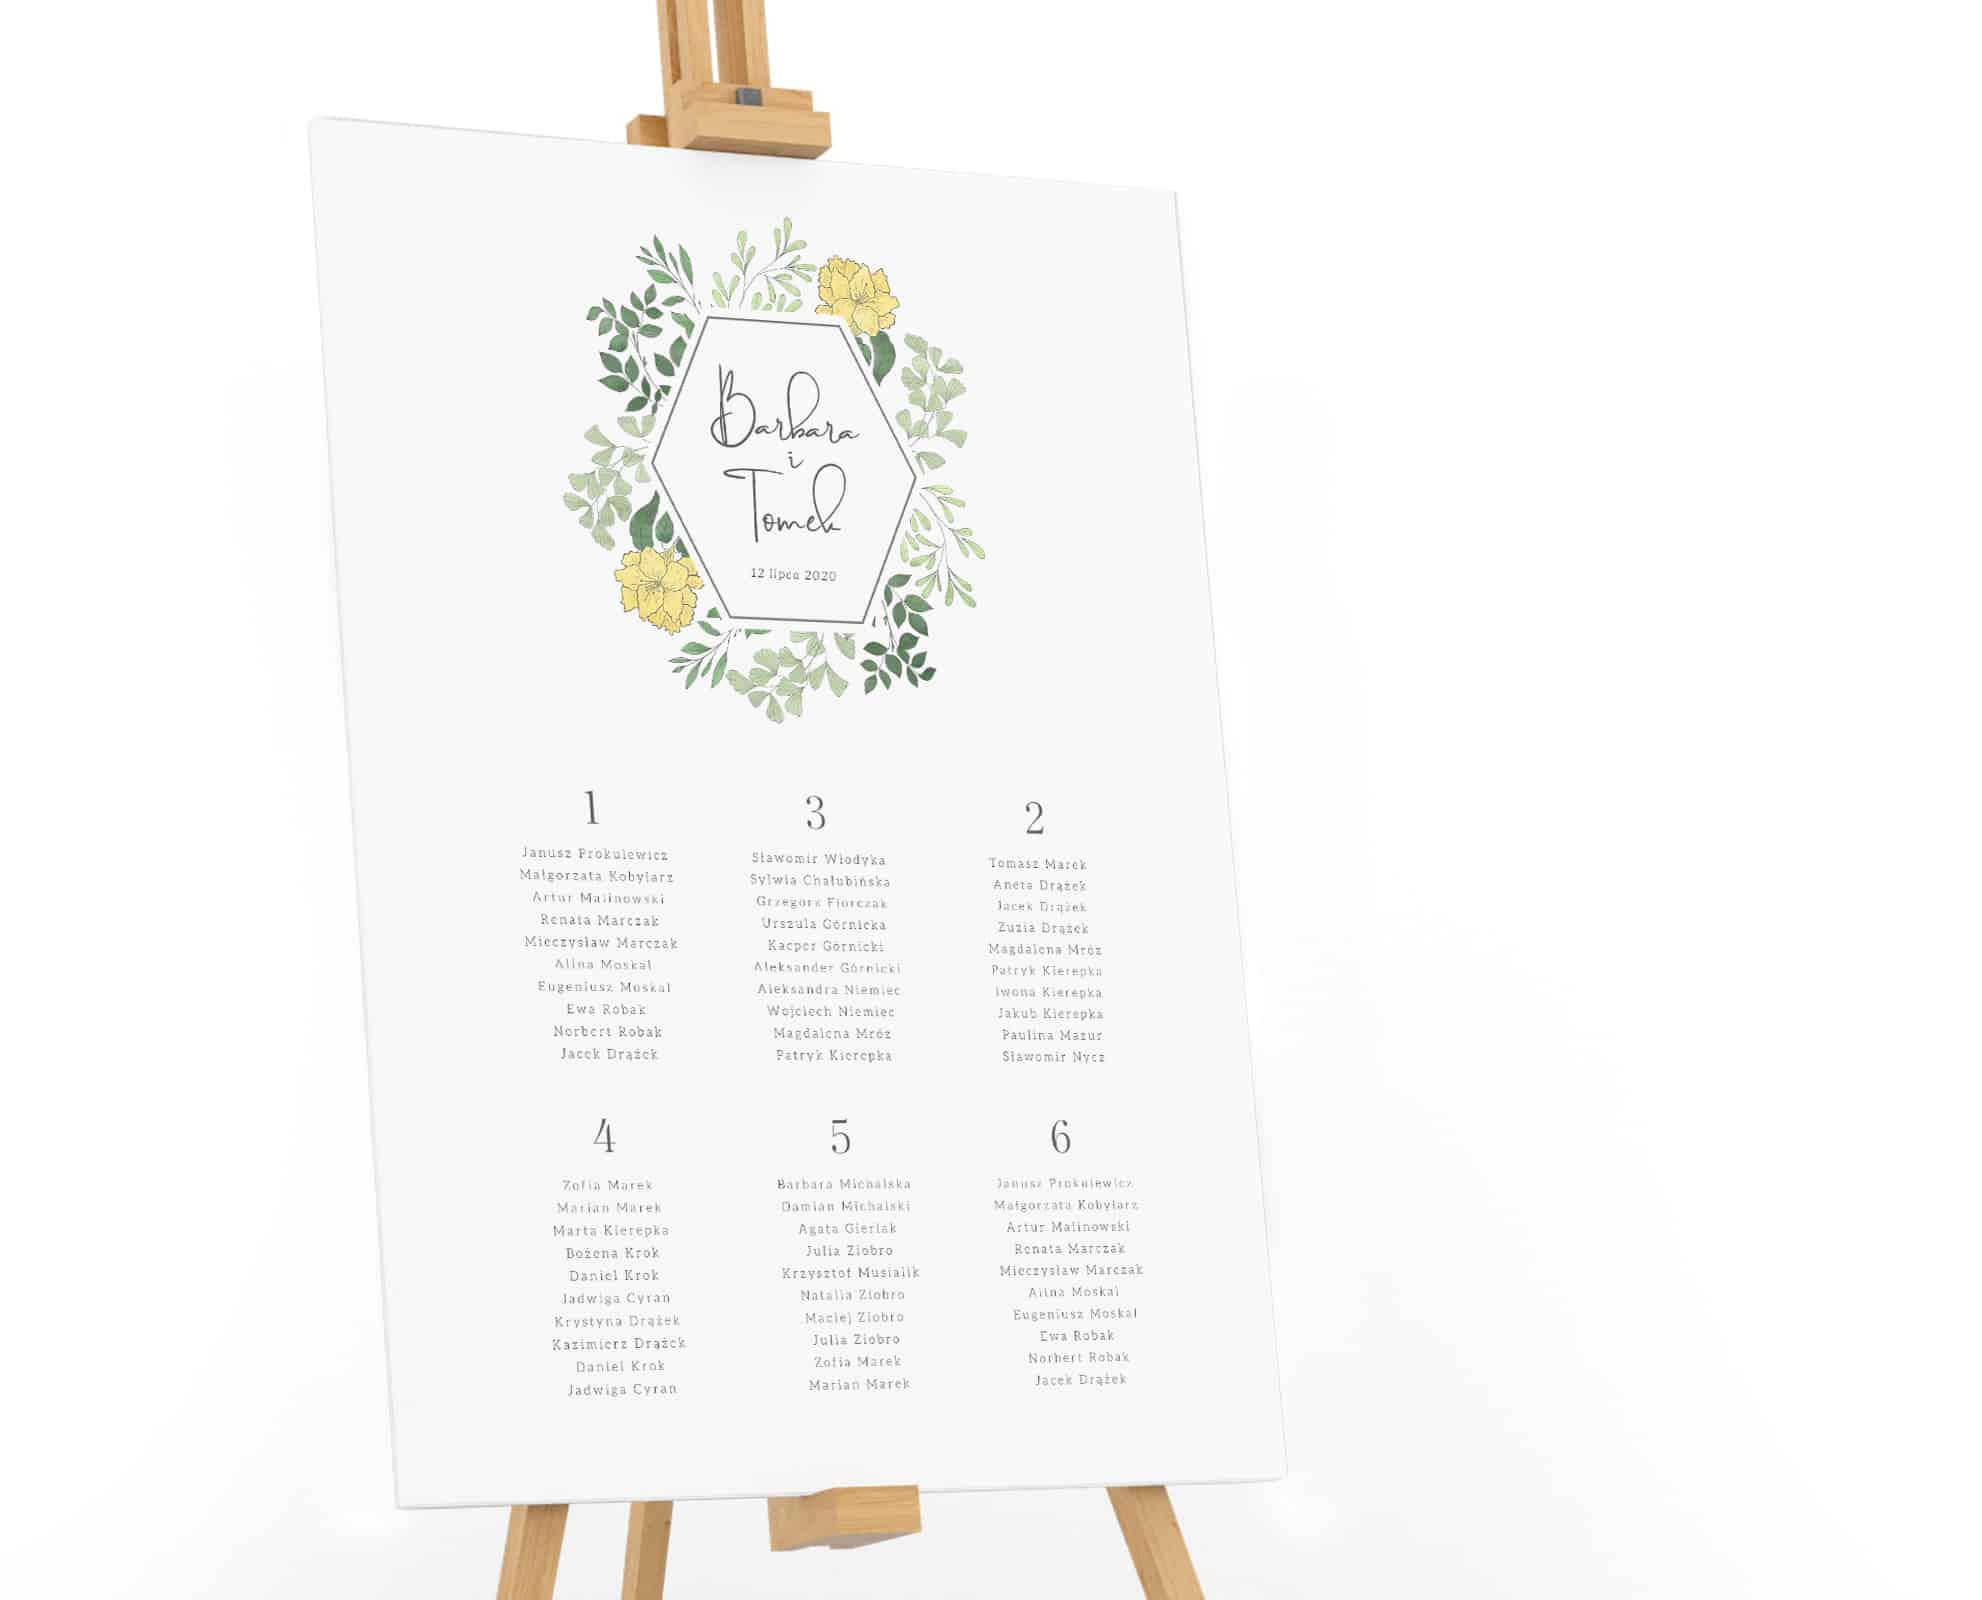 Plan stołów w stonowanych kolorach zieleni, z listkakami dookoła imion